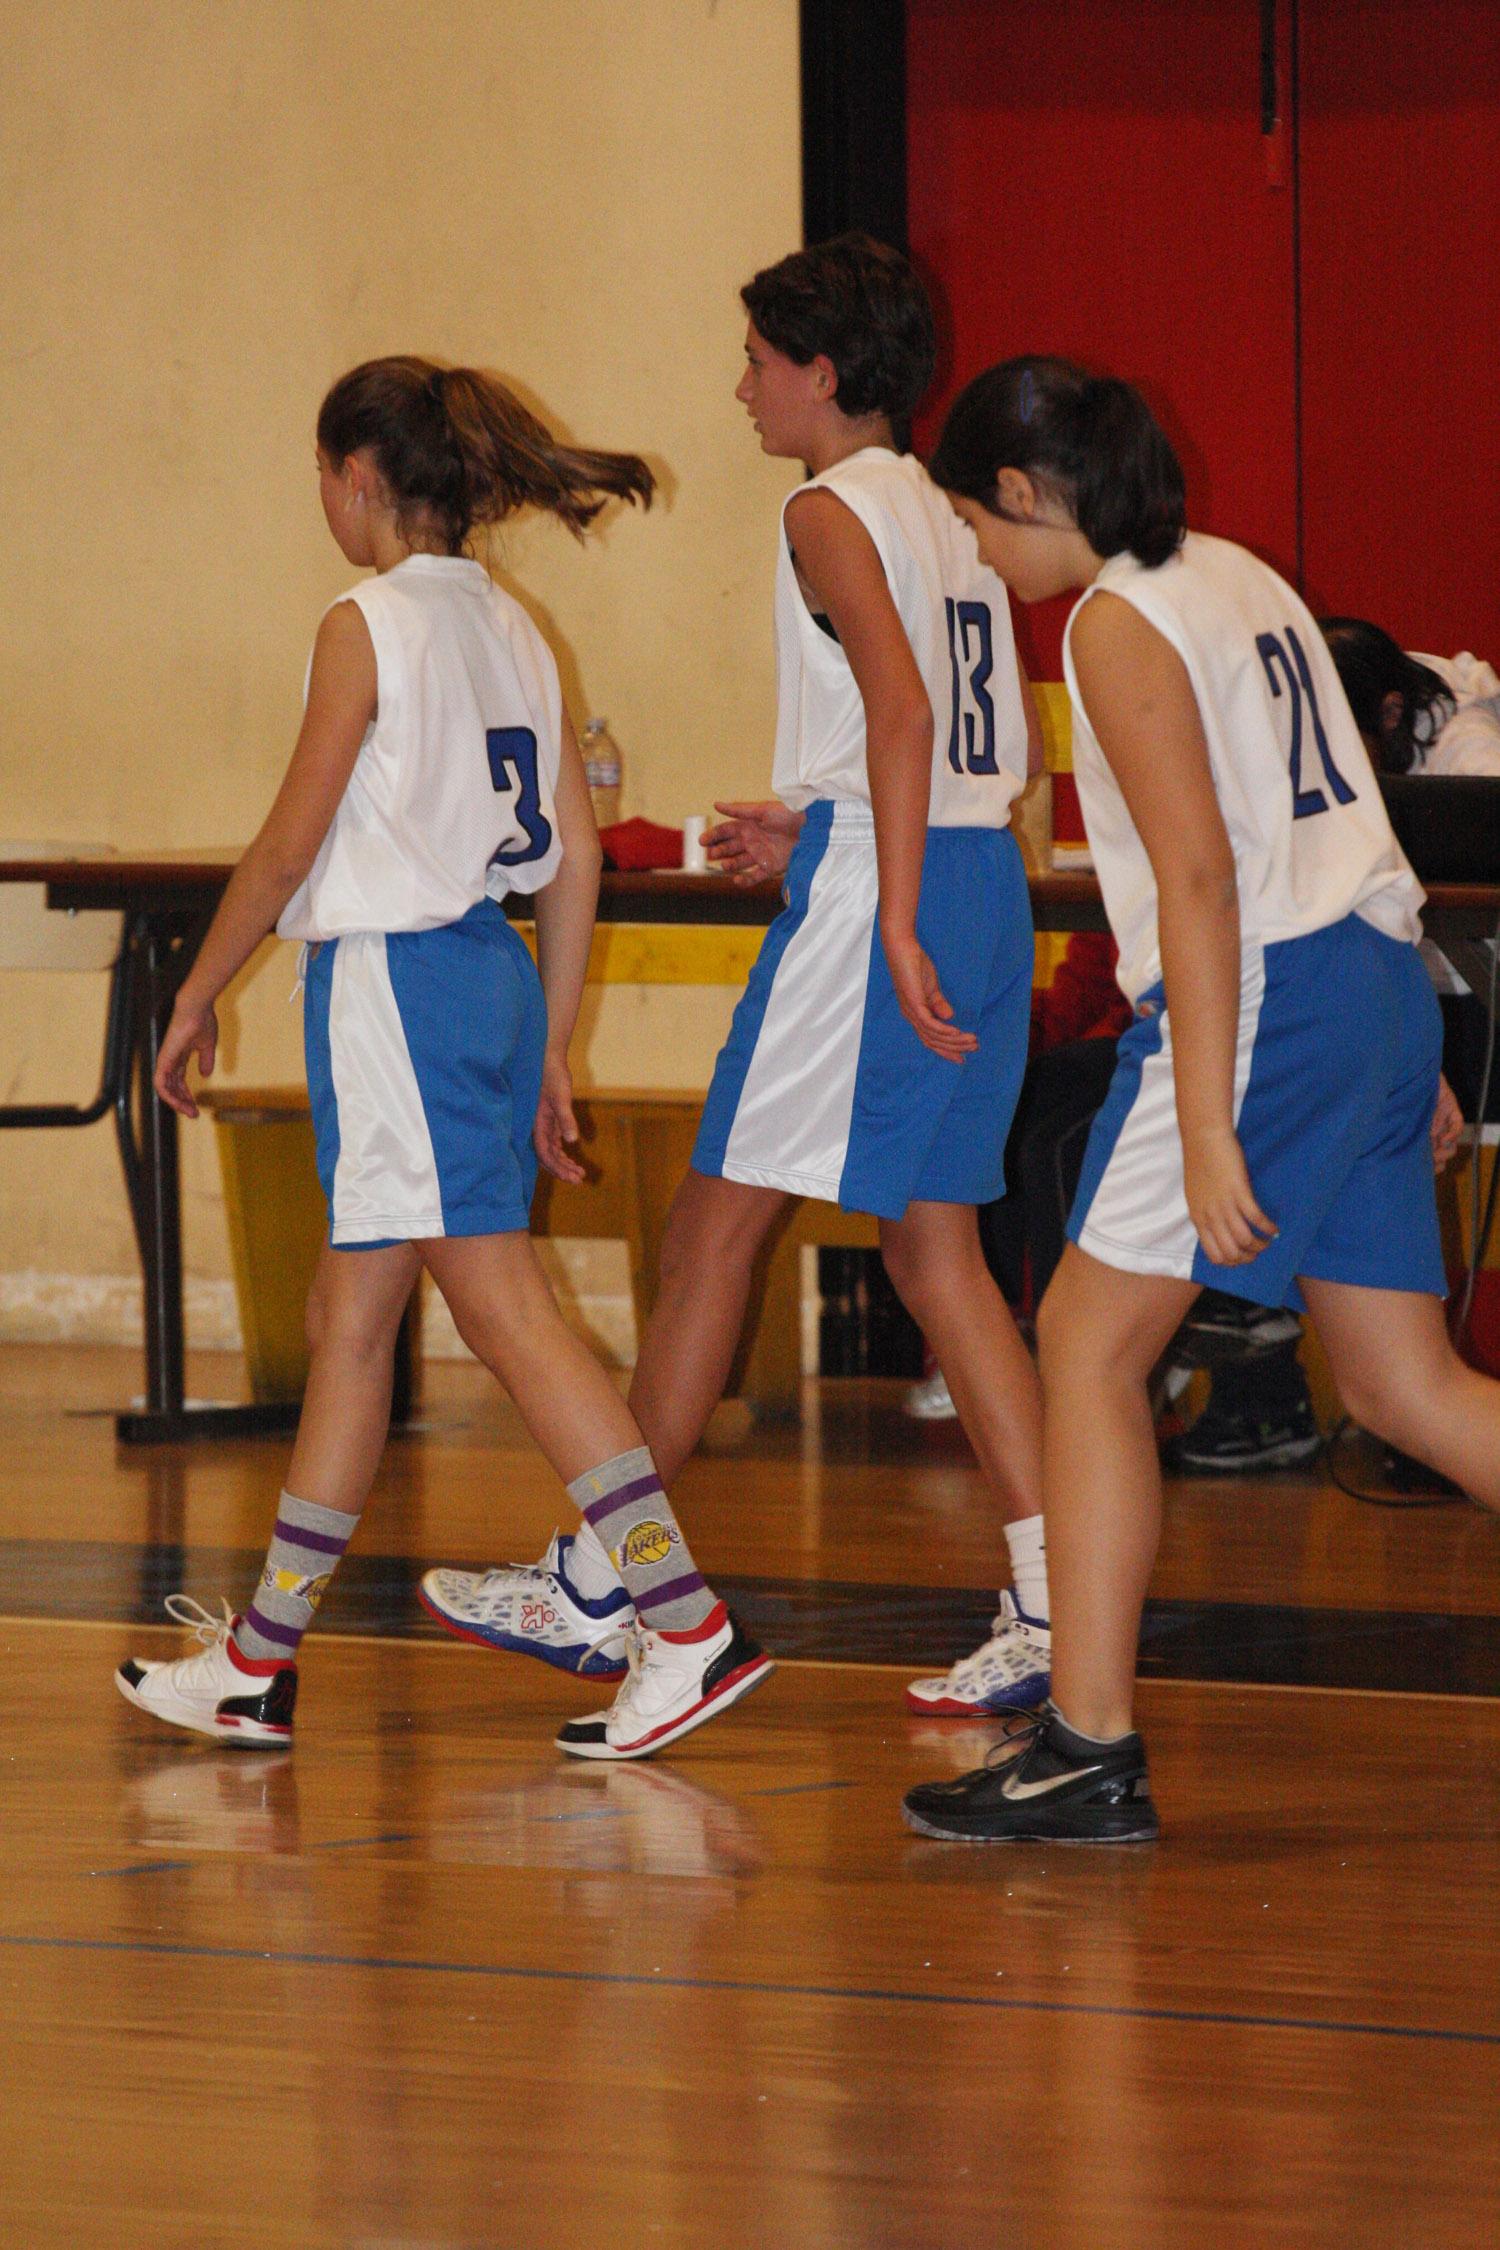 U13 - Baskettiamo Vittuone vs Carroccio Legnano 00022.jpg